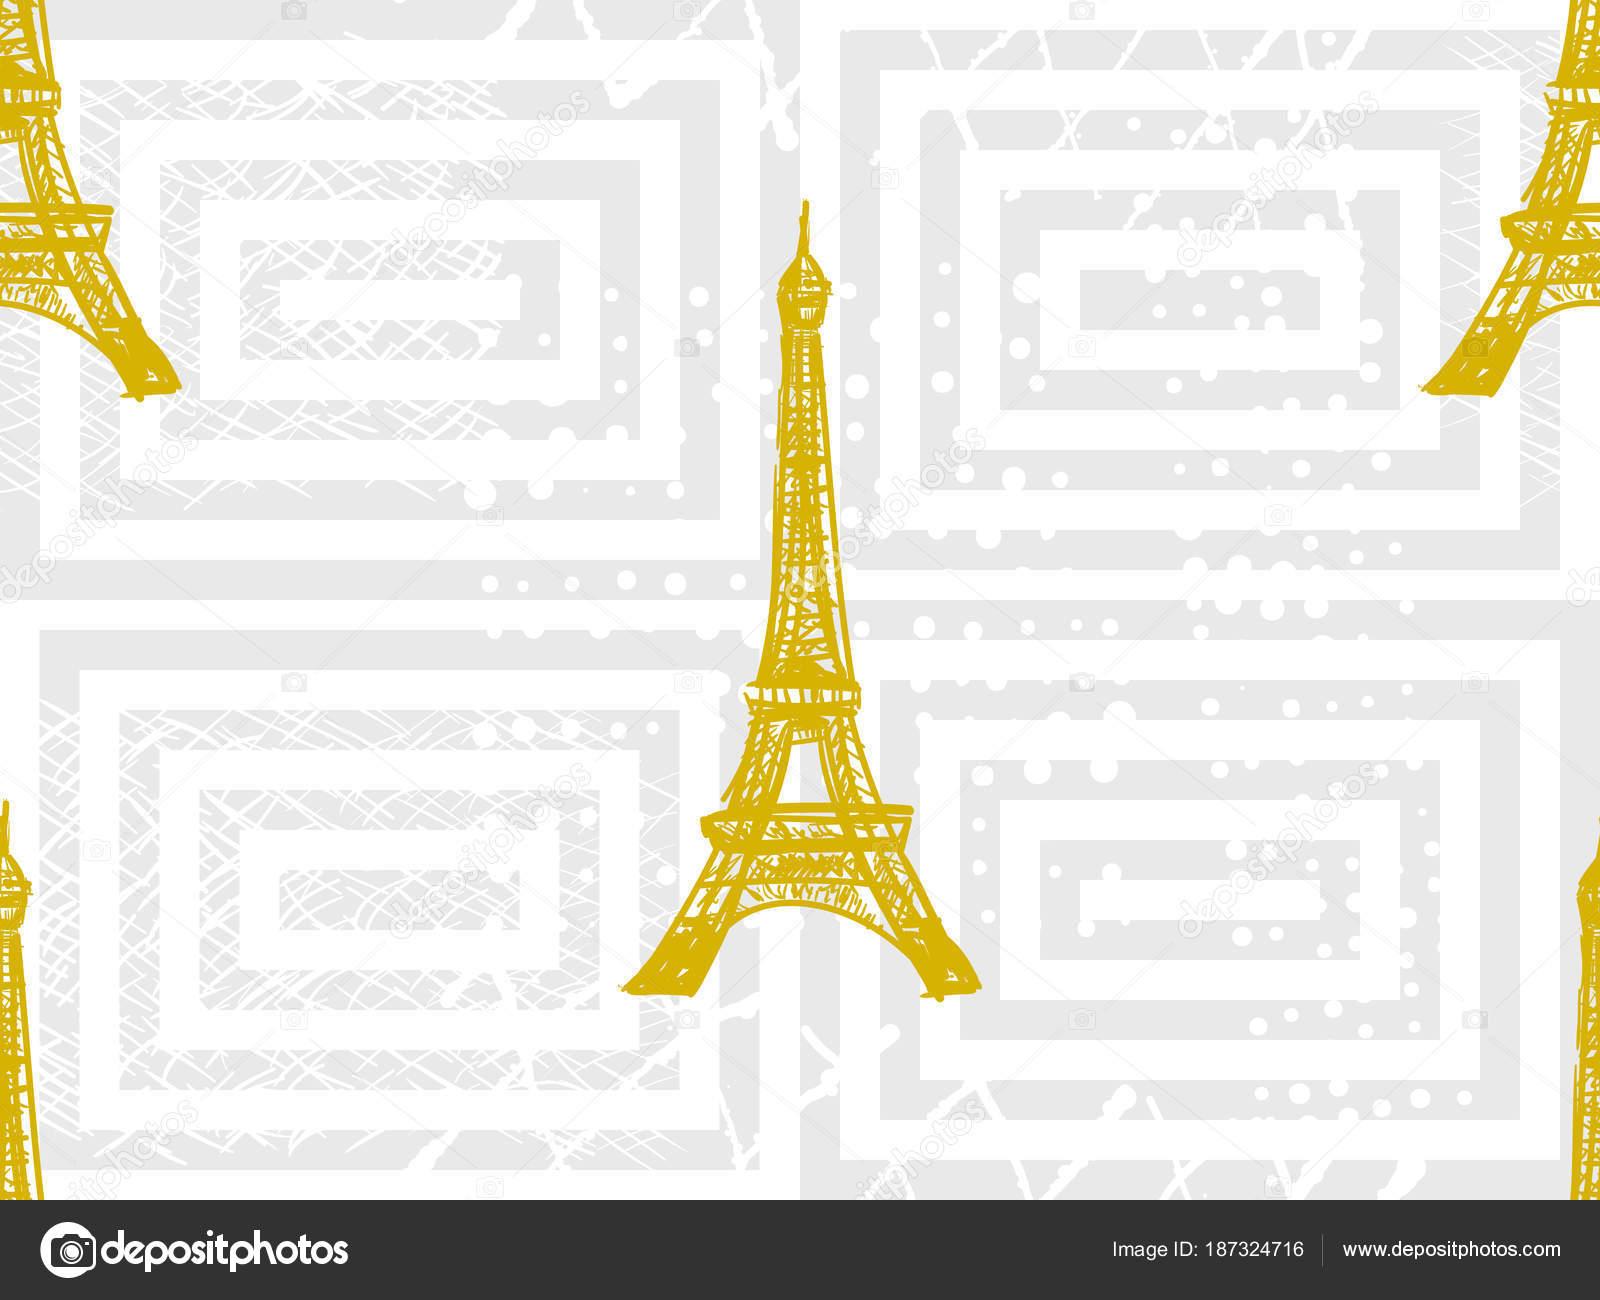 Wzór Paryż Z Wieży Eiffla Tło Wektor Francuski Idealny Do Tapety